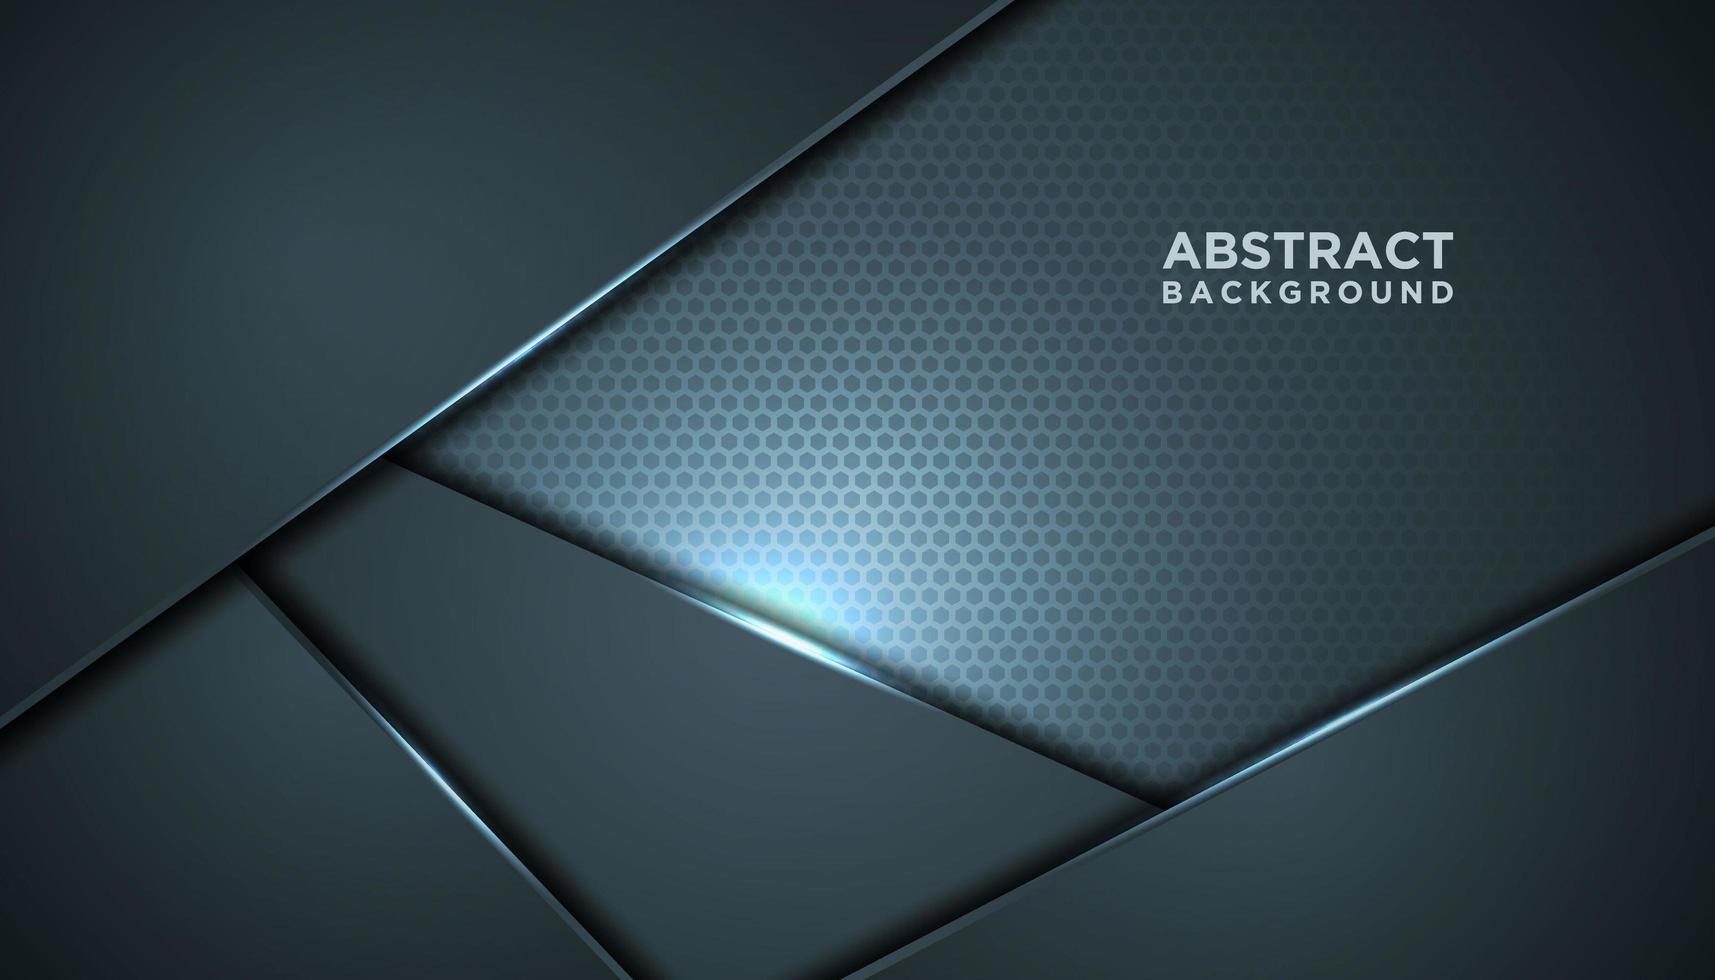 Fondo innovador de malla gris abstracto vector